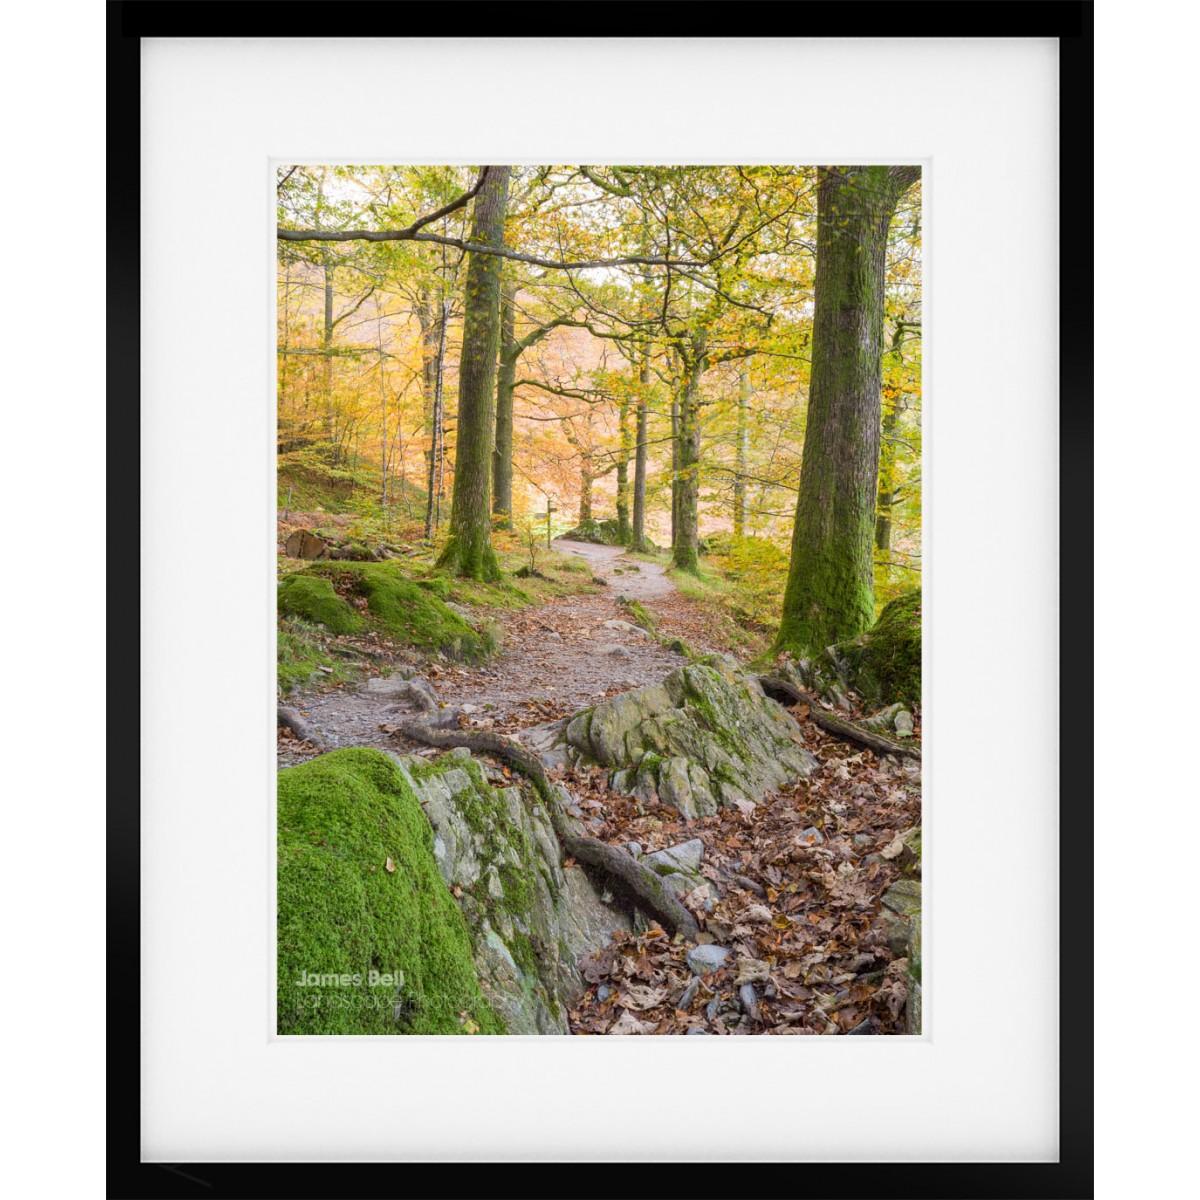 Woodland Light on Grasmere framed print